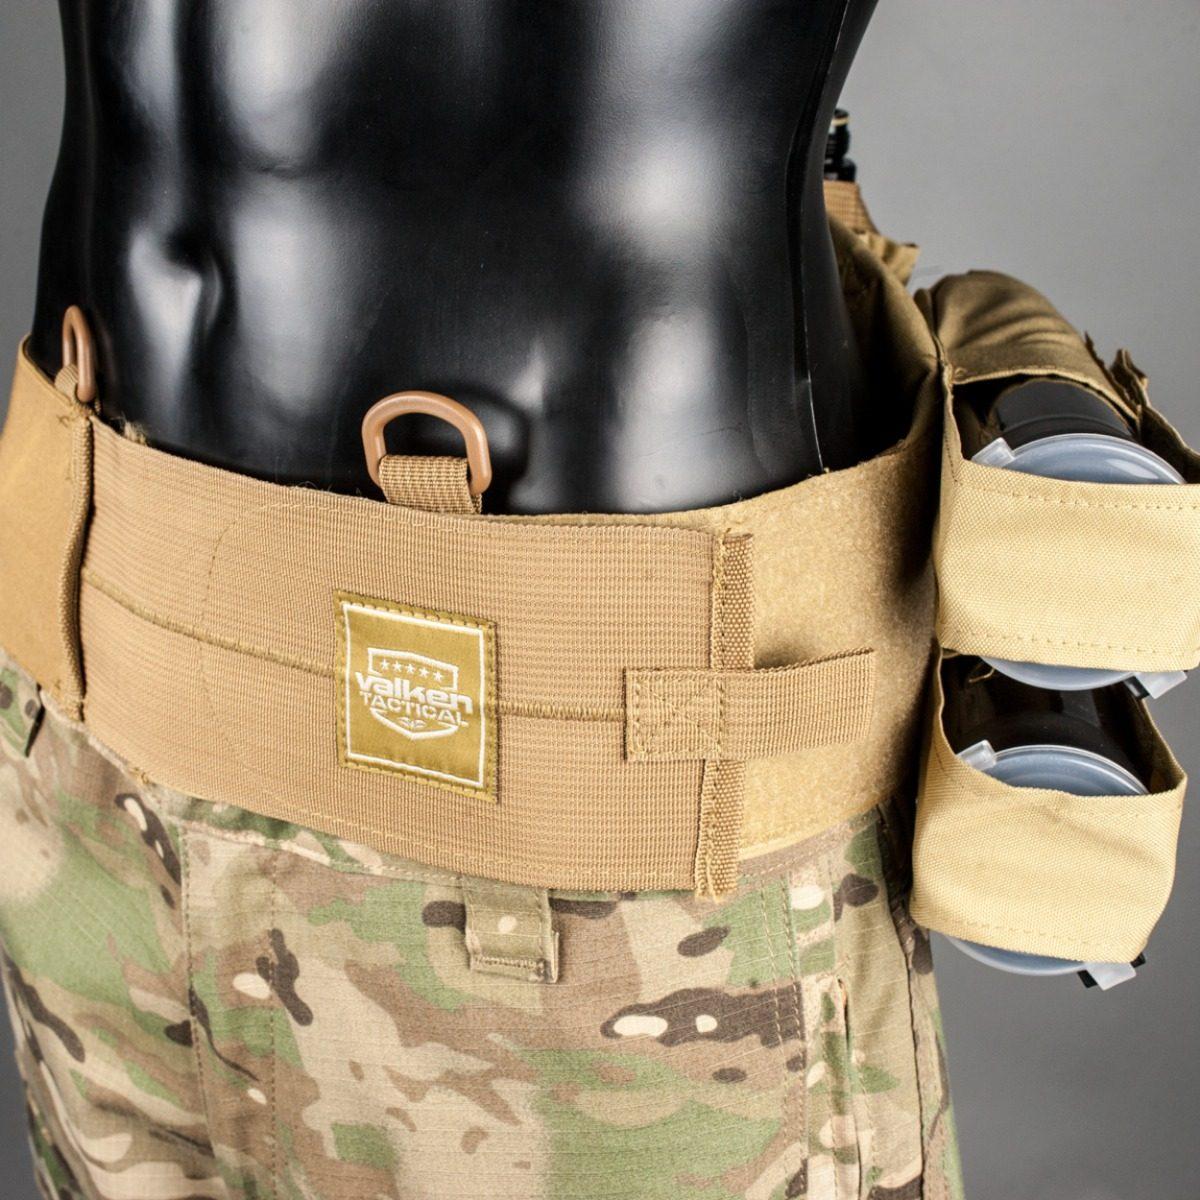 Valken V-TAC 4+1 Harness